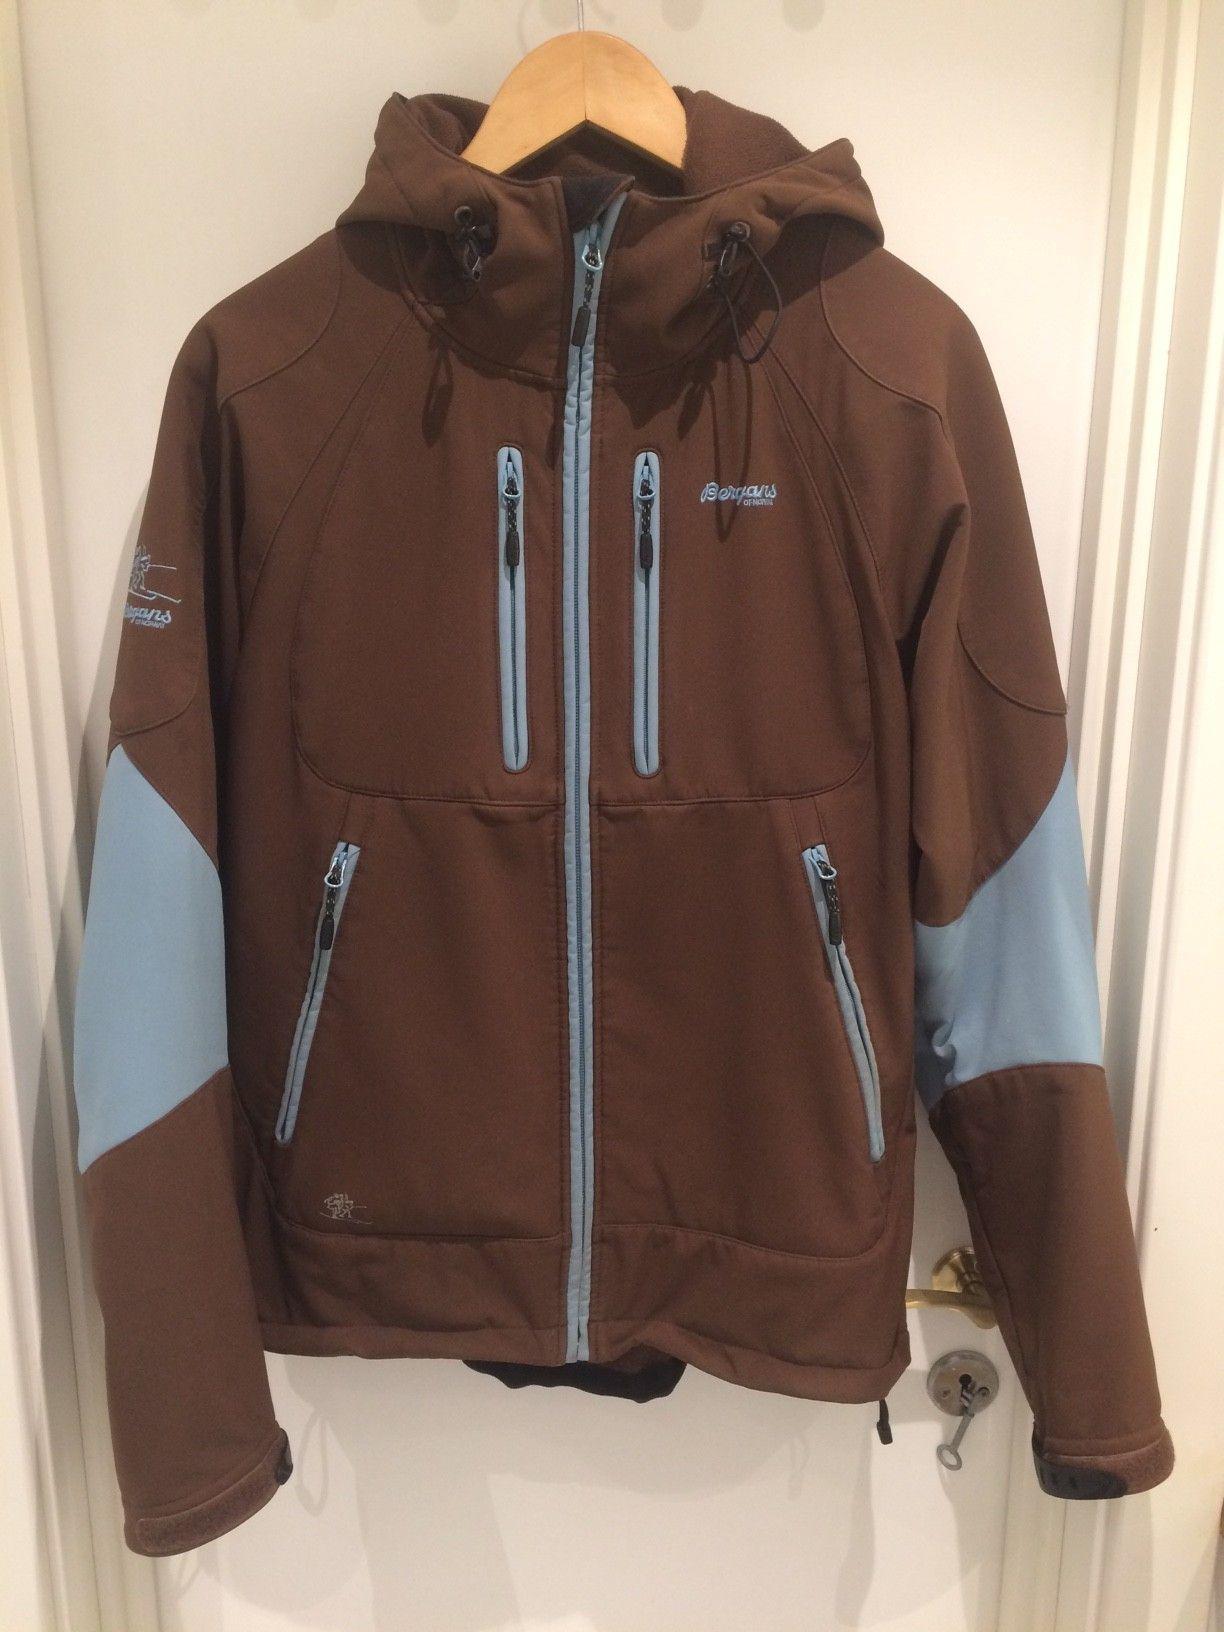 Bergans Nusfjord softshell jakke selges billig | FINN.no